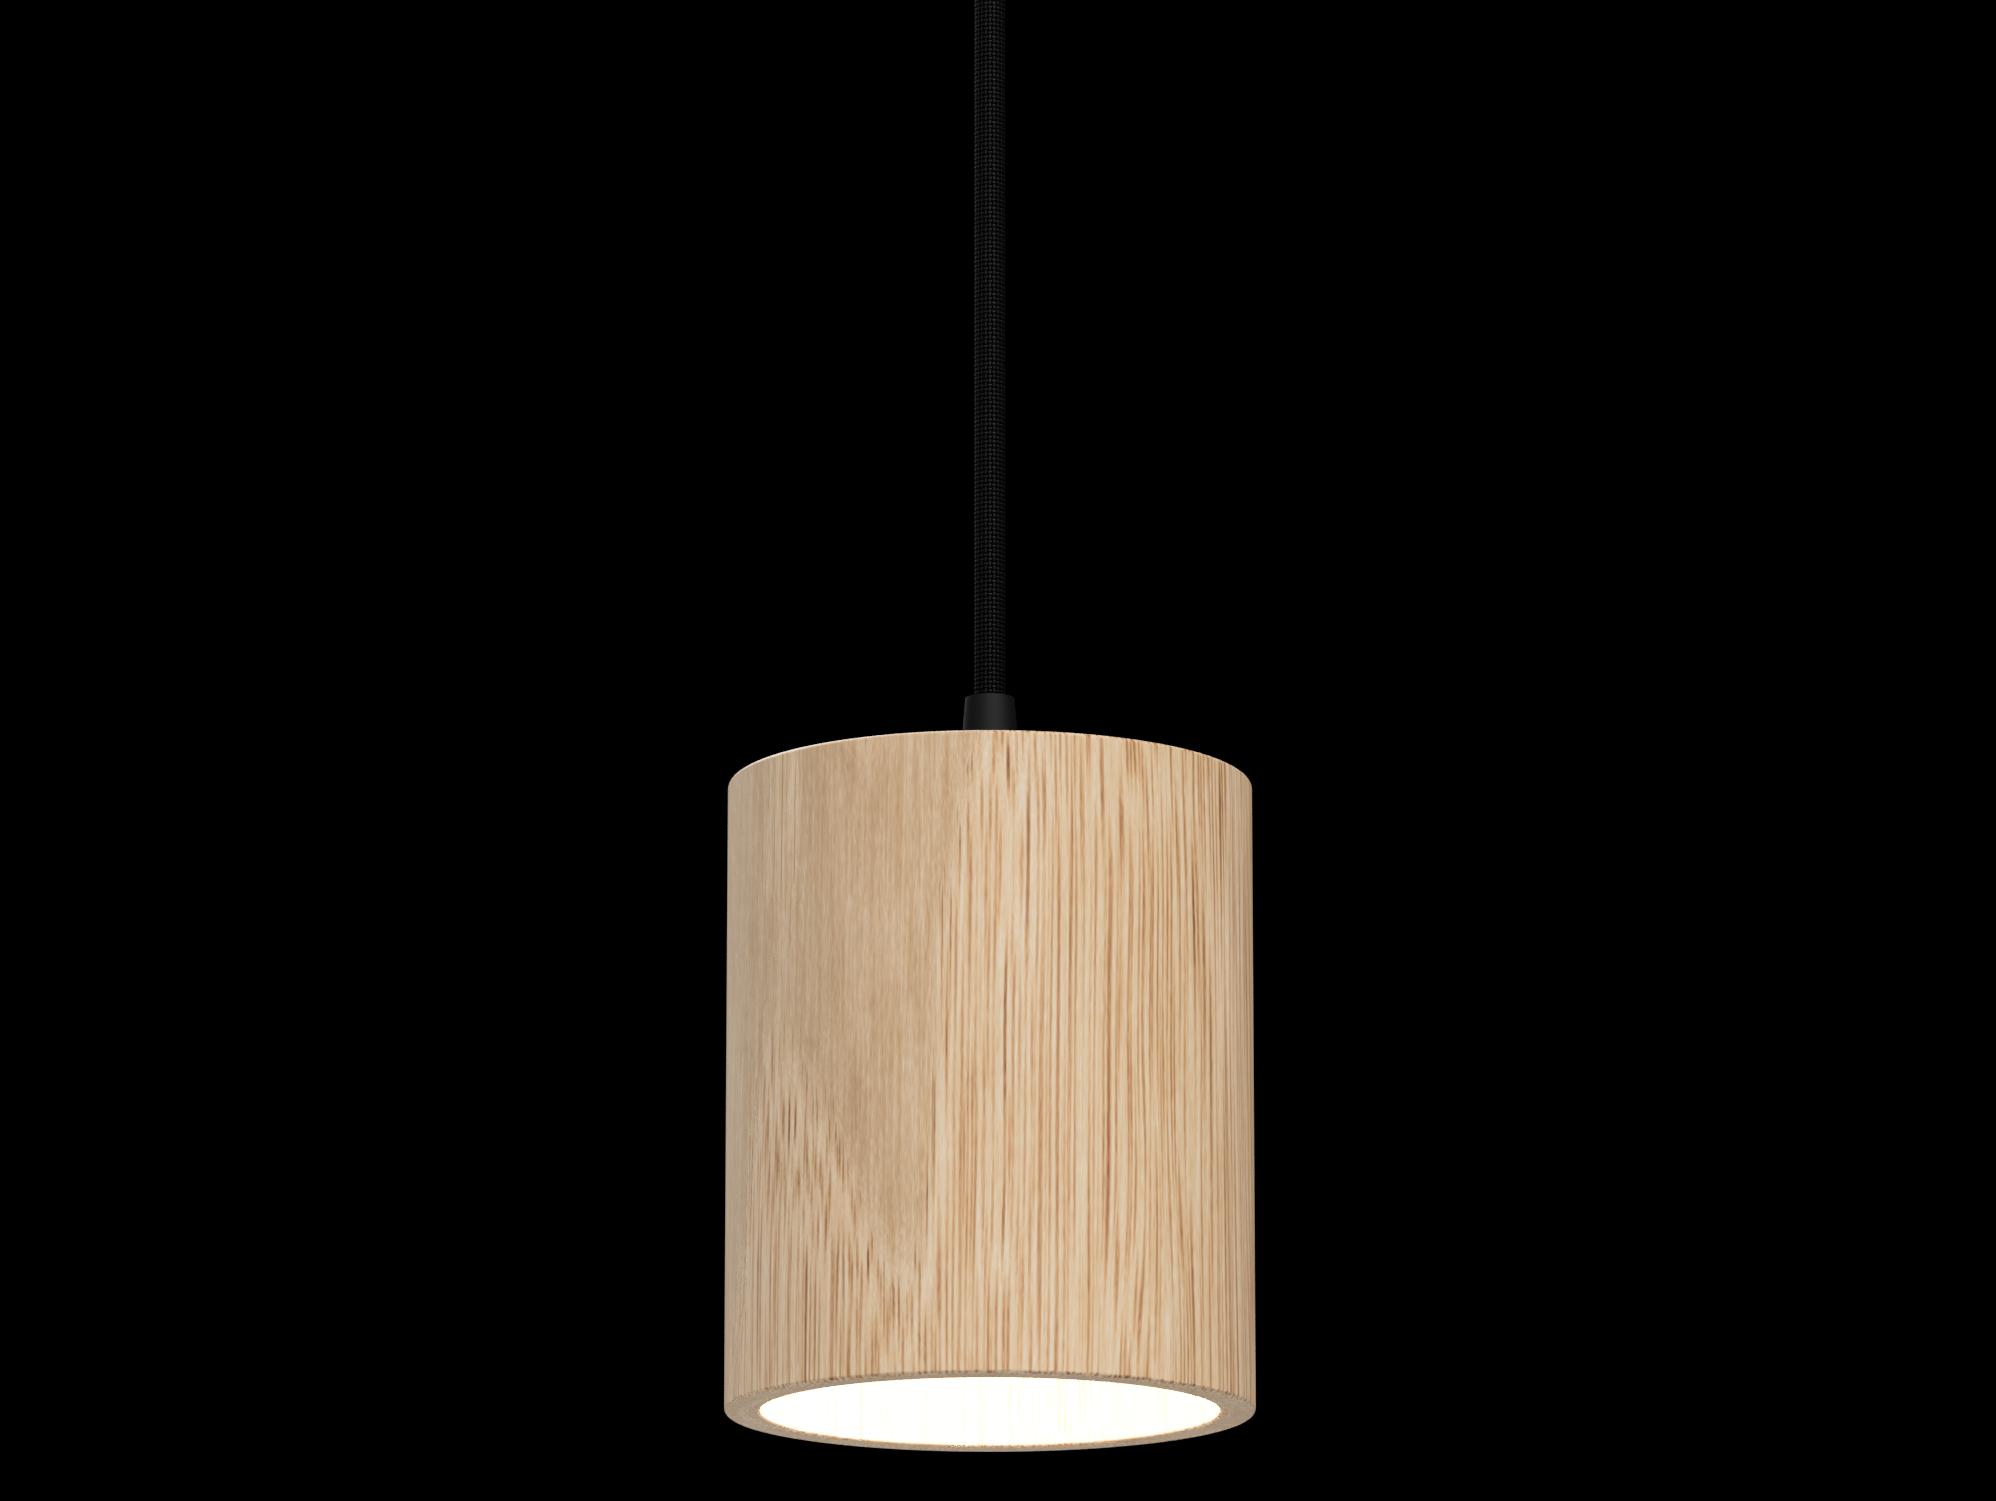 Wood Cylinder LED - Wood LED Wood